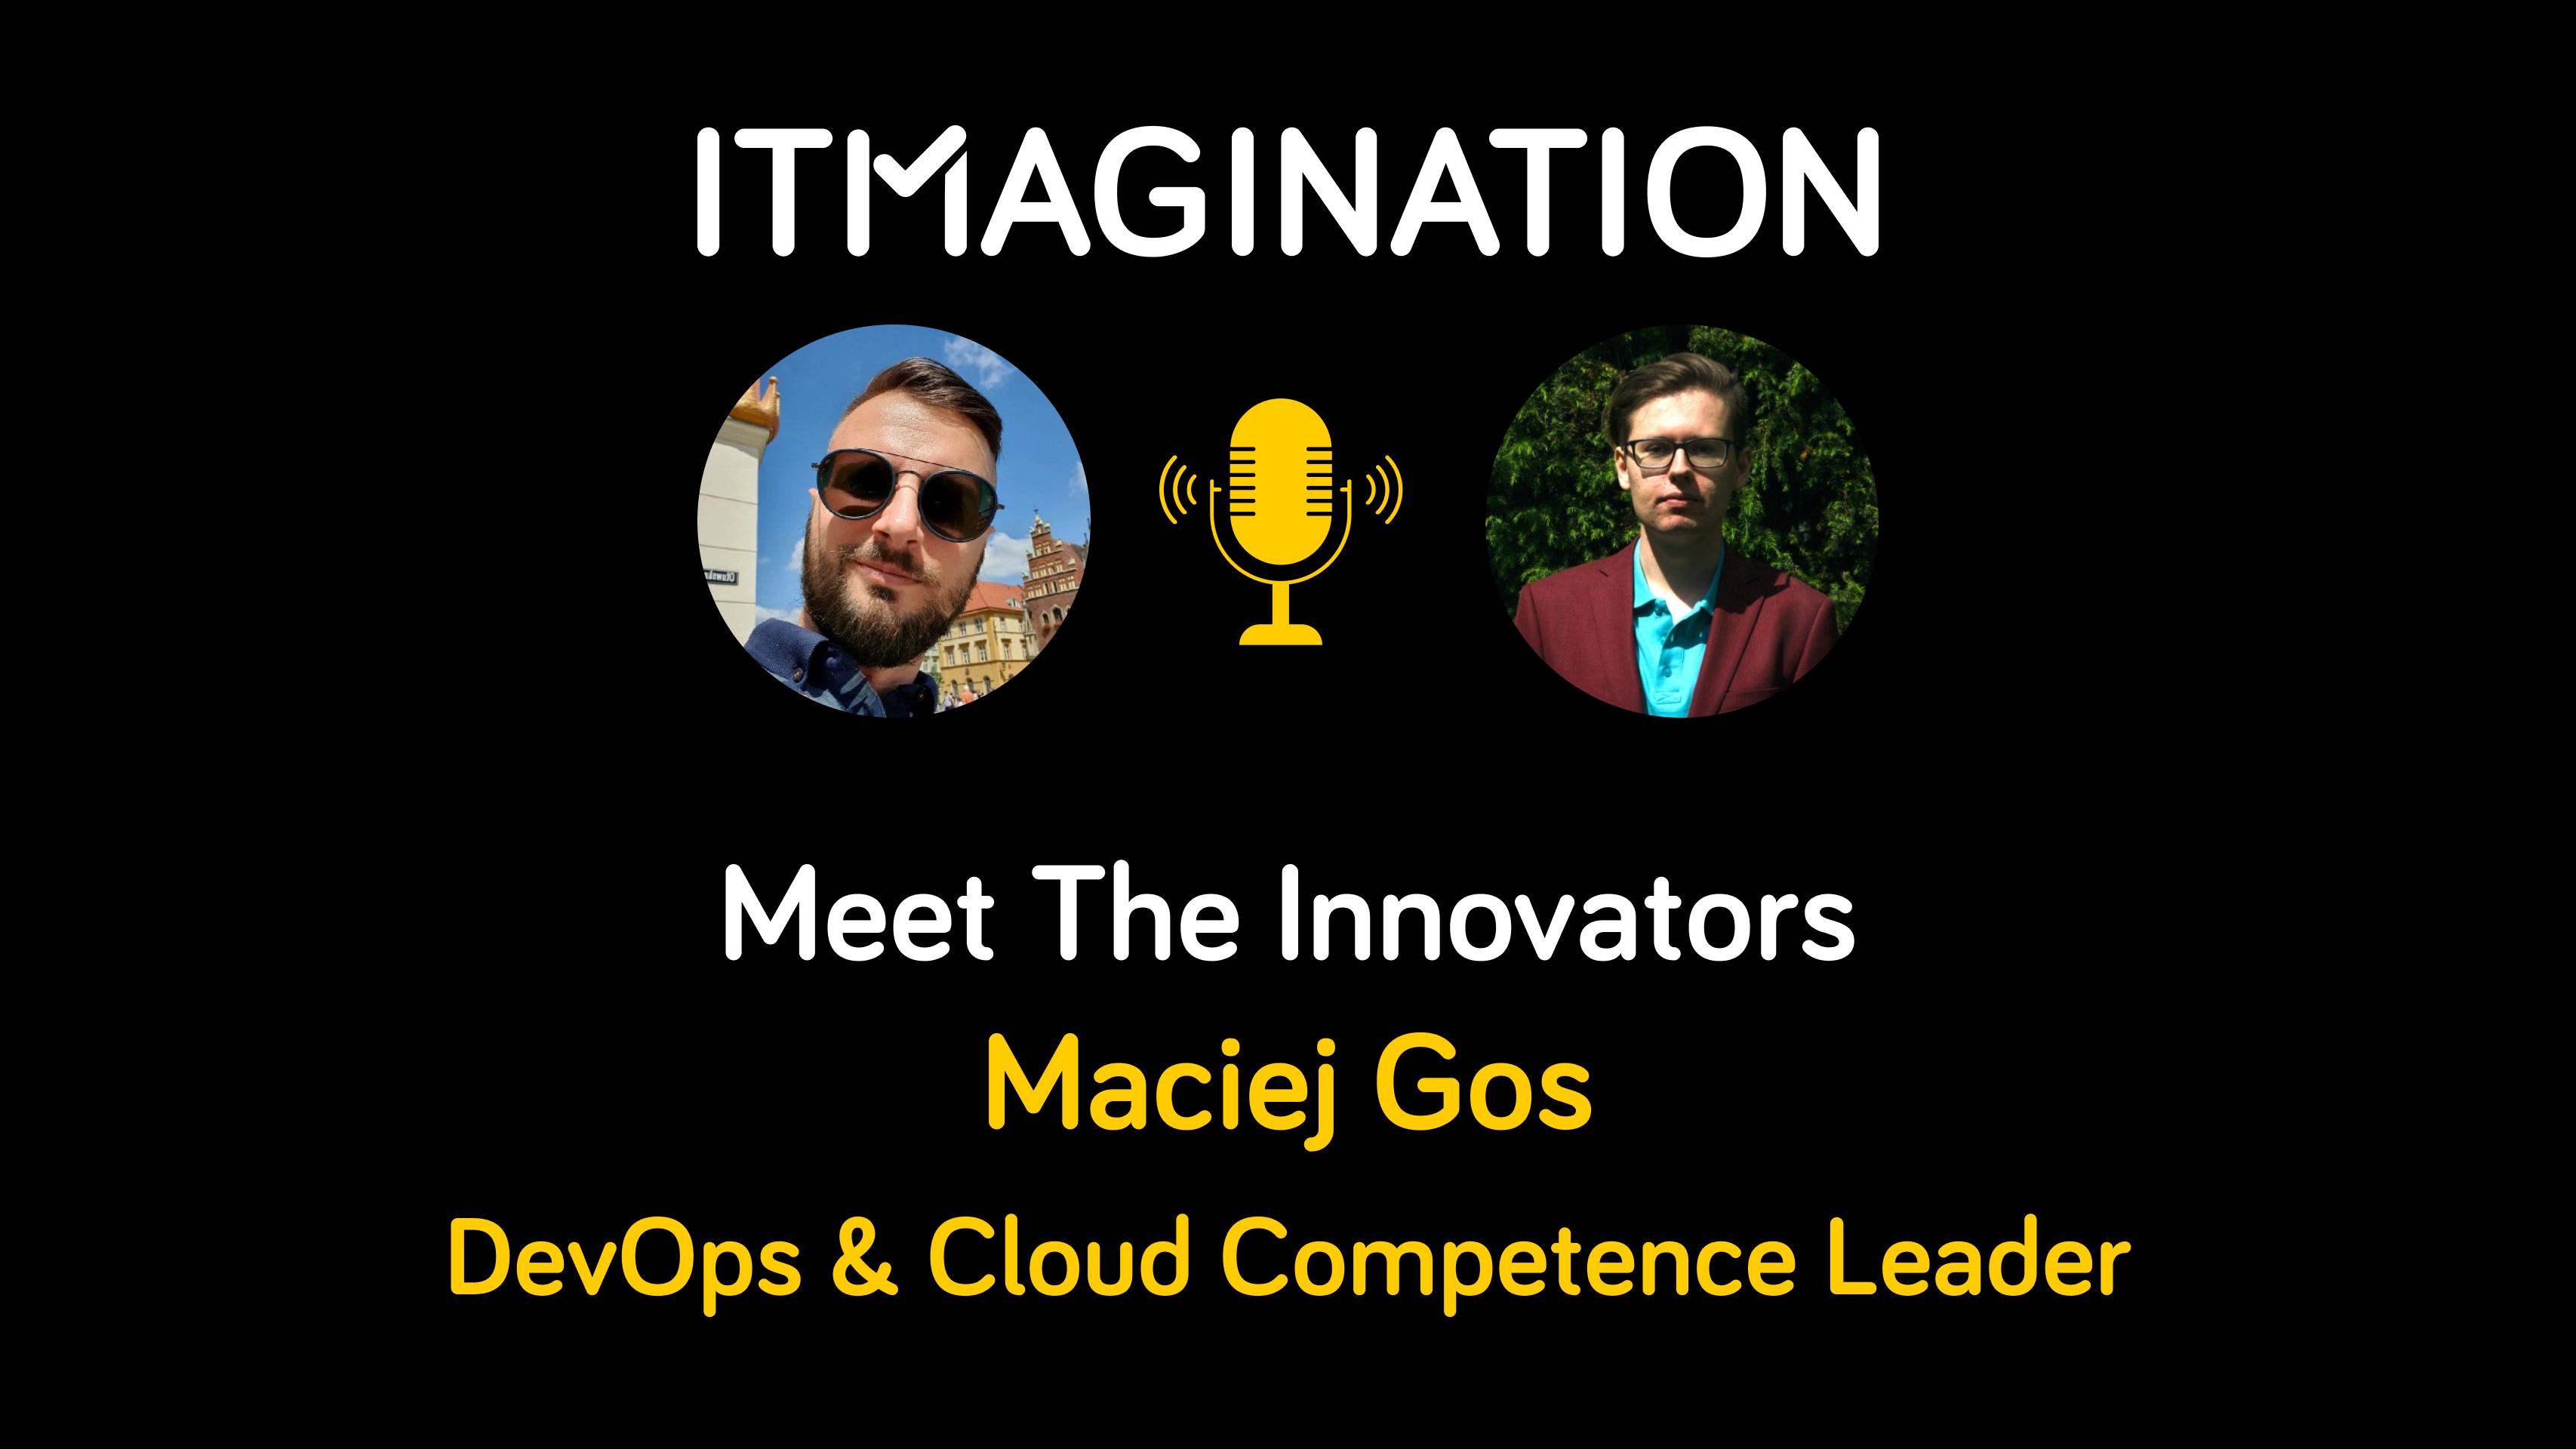 Meet The Innovators: Maciej Gos - DevOps & Cloud Competence Leader